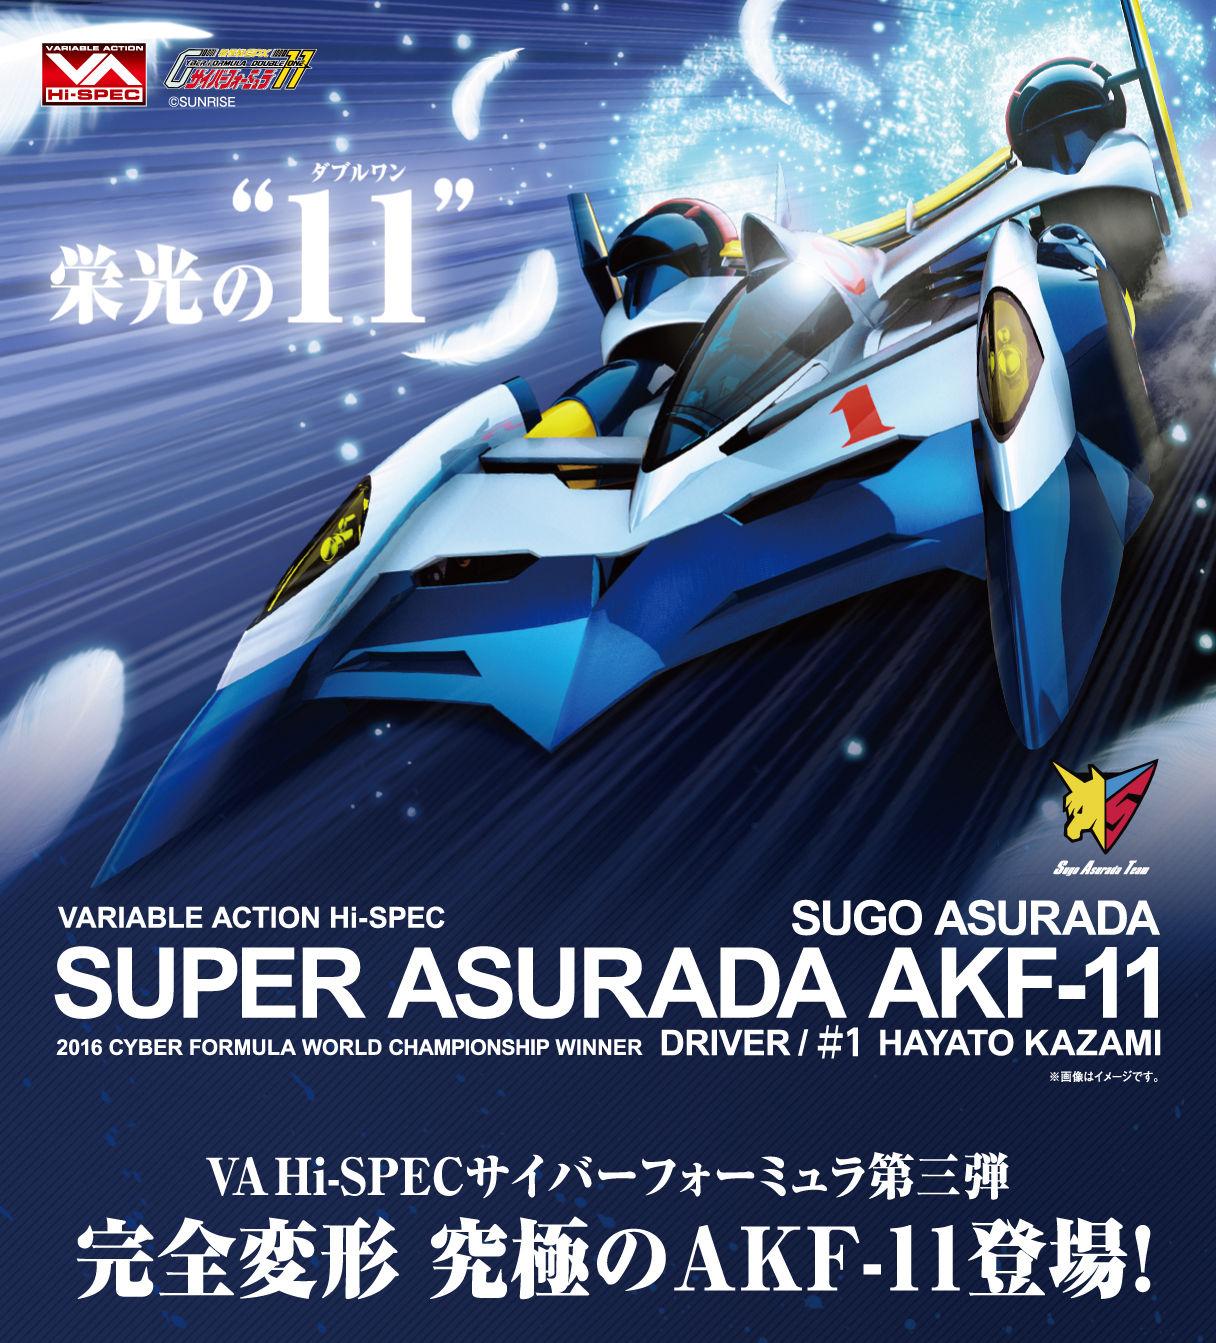 【サイバーフォーミュラ】ヴァリアブルアクション Hi-SPEC